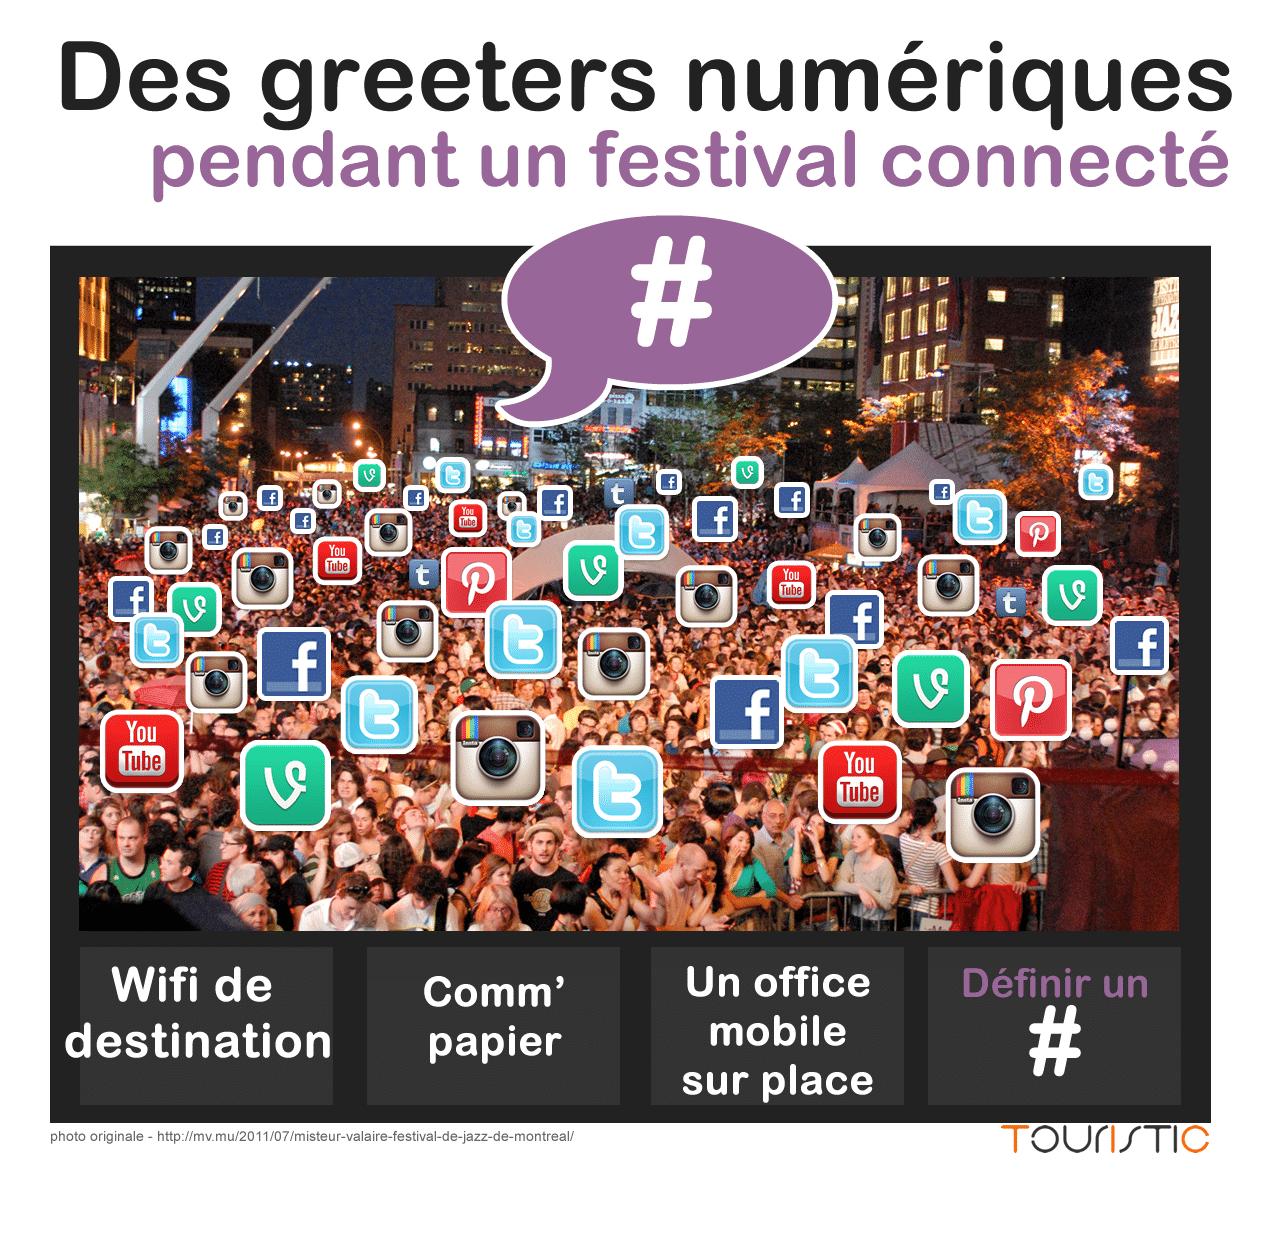 greeters_numeriques_concert